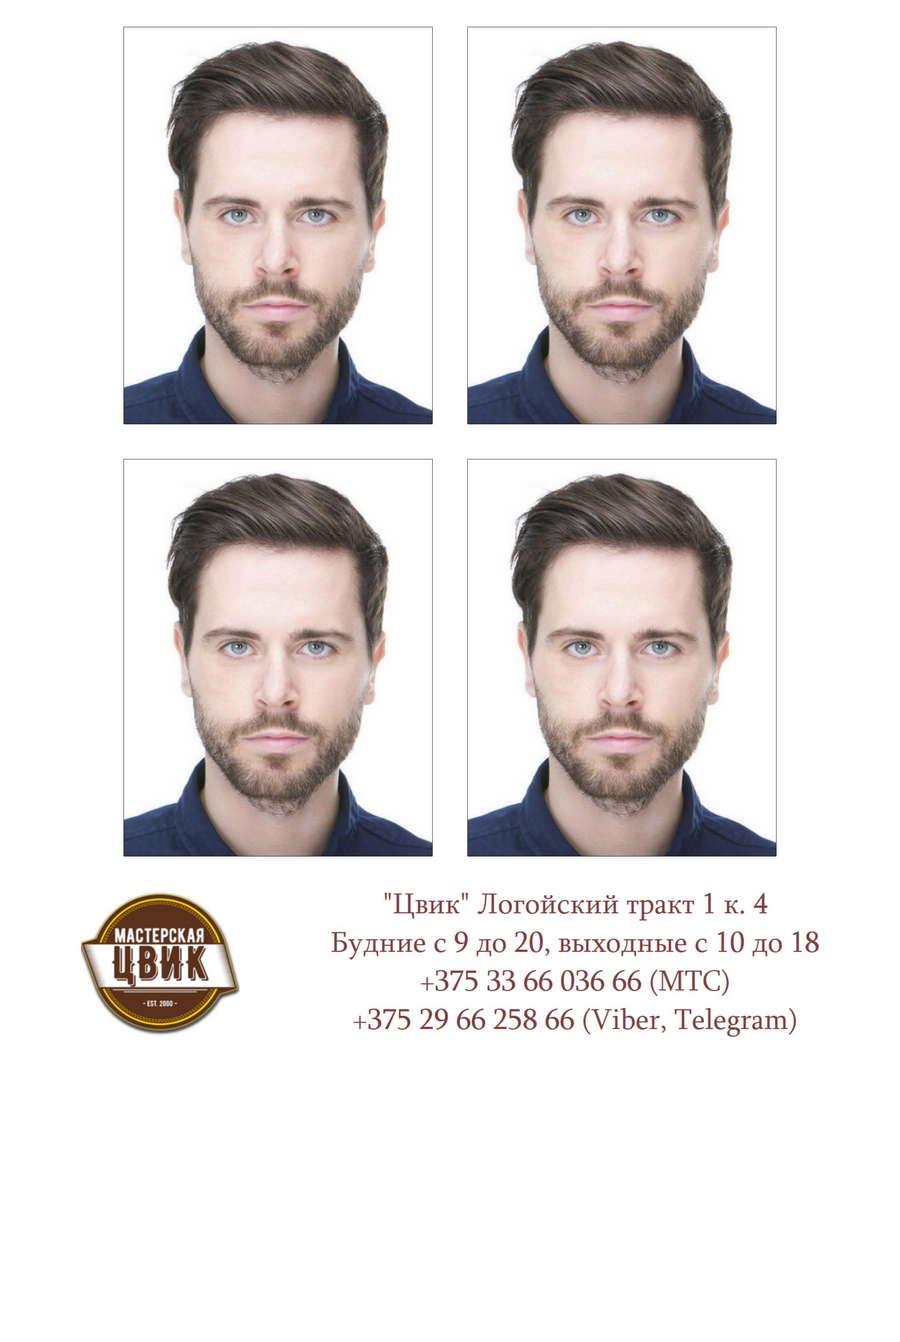 foto-na-vizu-v-minske Фото на визу в минске